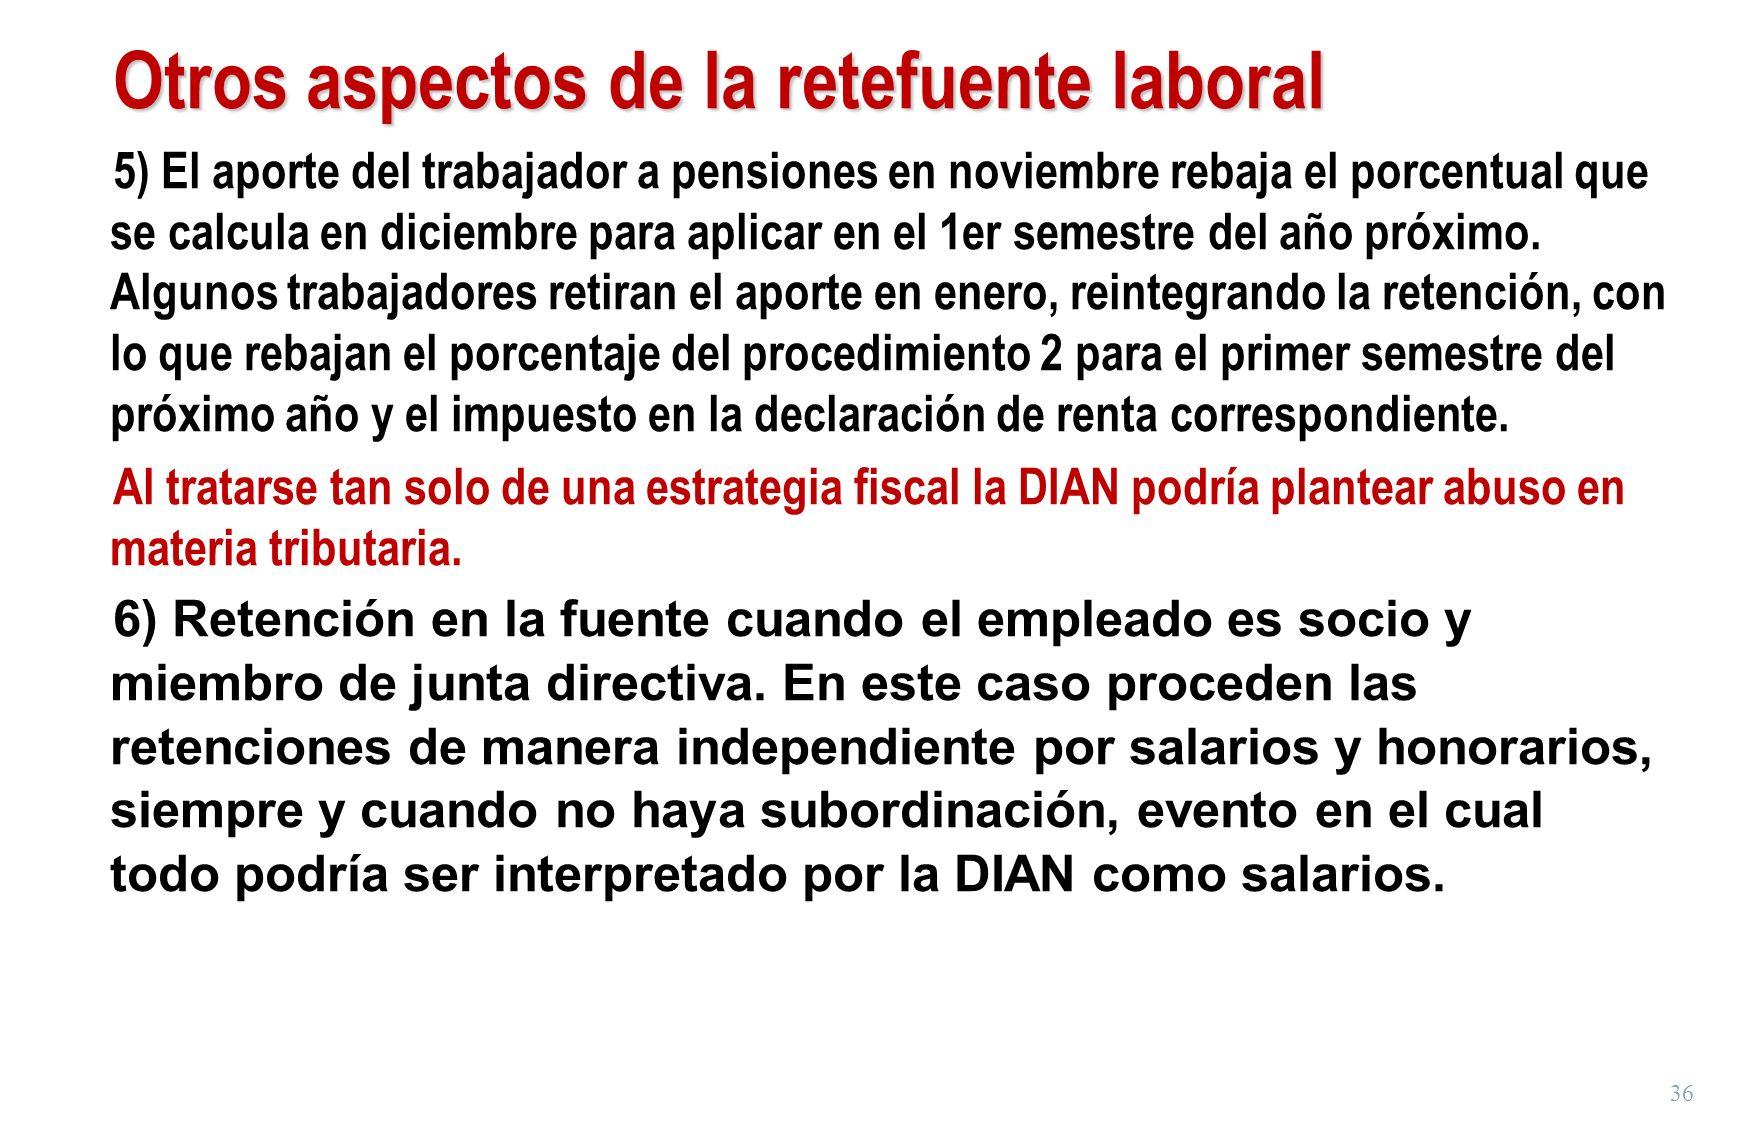 36 Otros aspectos de la retefuente laboral 5) El aporte del trabajador a pensiones en noviembre rebaja el porcentual que se calcula en diciembre para